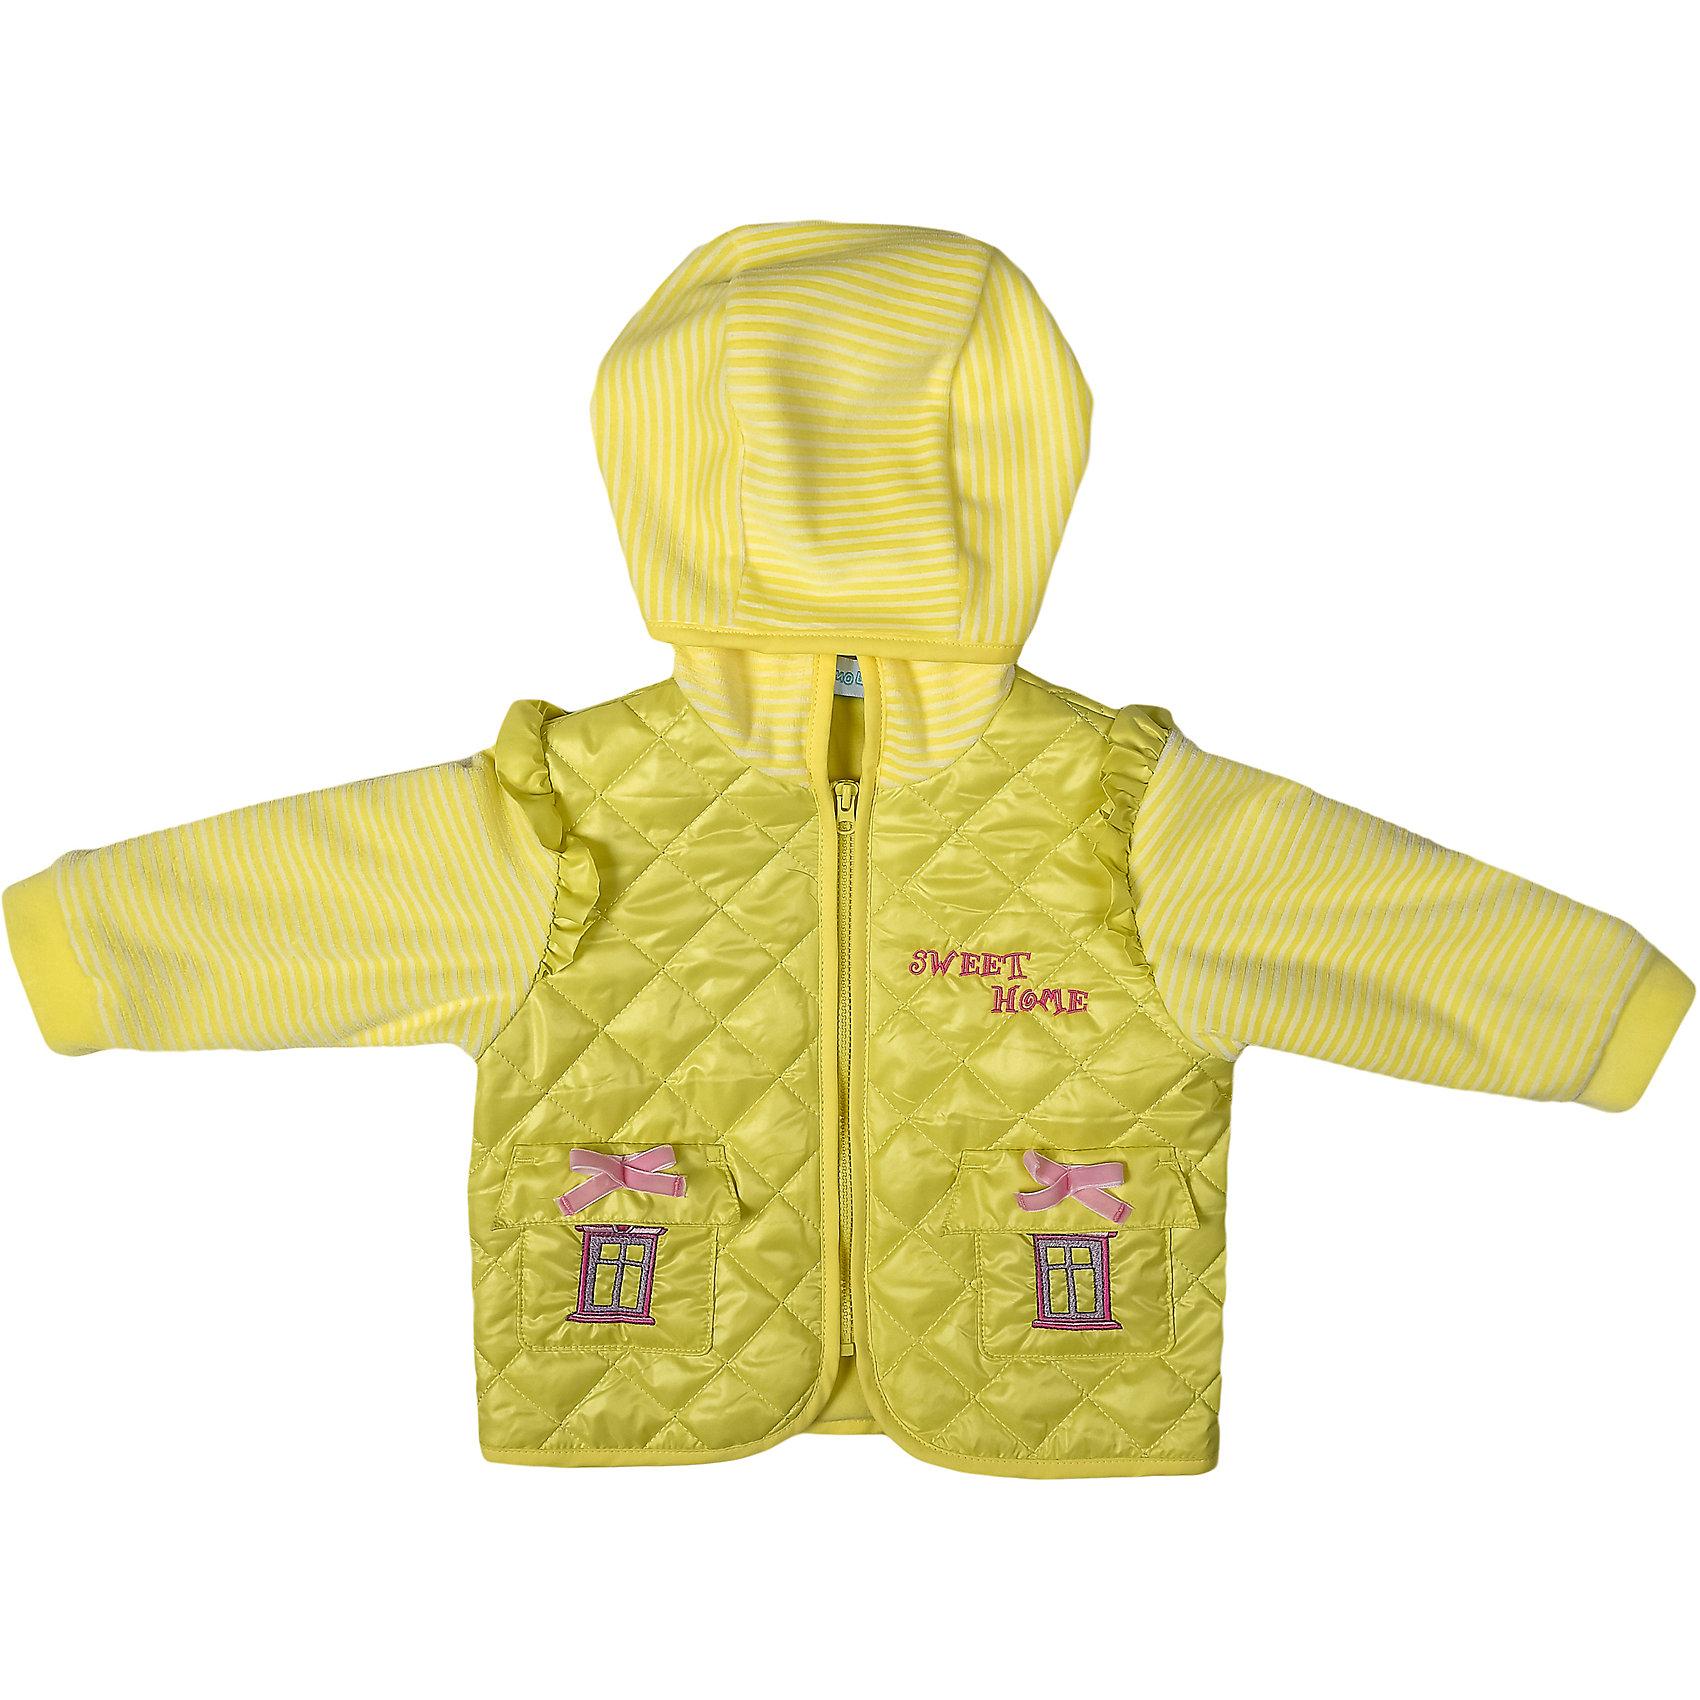 Куртка для девочки БимошаКуртка для девочки от марки Бимоша.<br>Куртка сочетает плащевую ткань и велюр. Модель дополнена капюшоном,  застежкой на молнии, двумя карманами, украшенными вышивкой.<br>Состав:<br>осн.ткань: плащевая Таффета 100% пэ                 подкладка: кулирная гладь хлопок 100%                                             утеплитель: синтепон 100%пэ                        отделка: трикотажное полотно: велюр 80% хлопок 20% пэ<br><br>Ширина мм: 356<br>Глубина мм: 10<br>Высота мм: 245<br>Вес г: 519<br>Цвет: желтый<br>Возраст от месяцев: 18<br>Возраст до месяцев: 24<br>Пол: Женский<br>Возраст: Детский<br>Размер: 92,86,80,74<br>SKU: 4578823